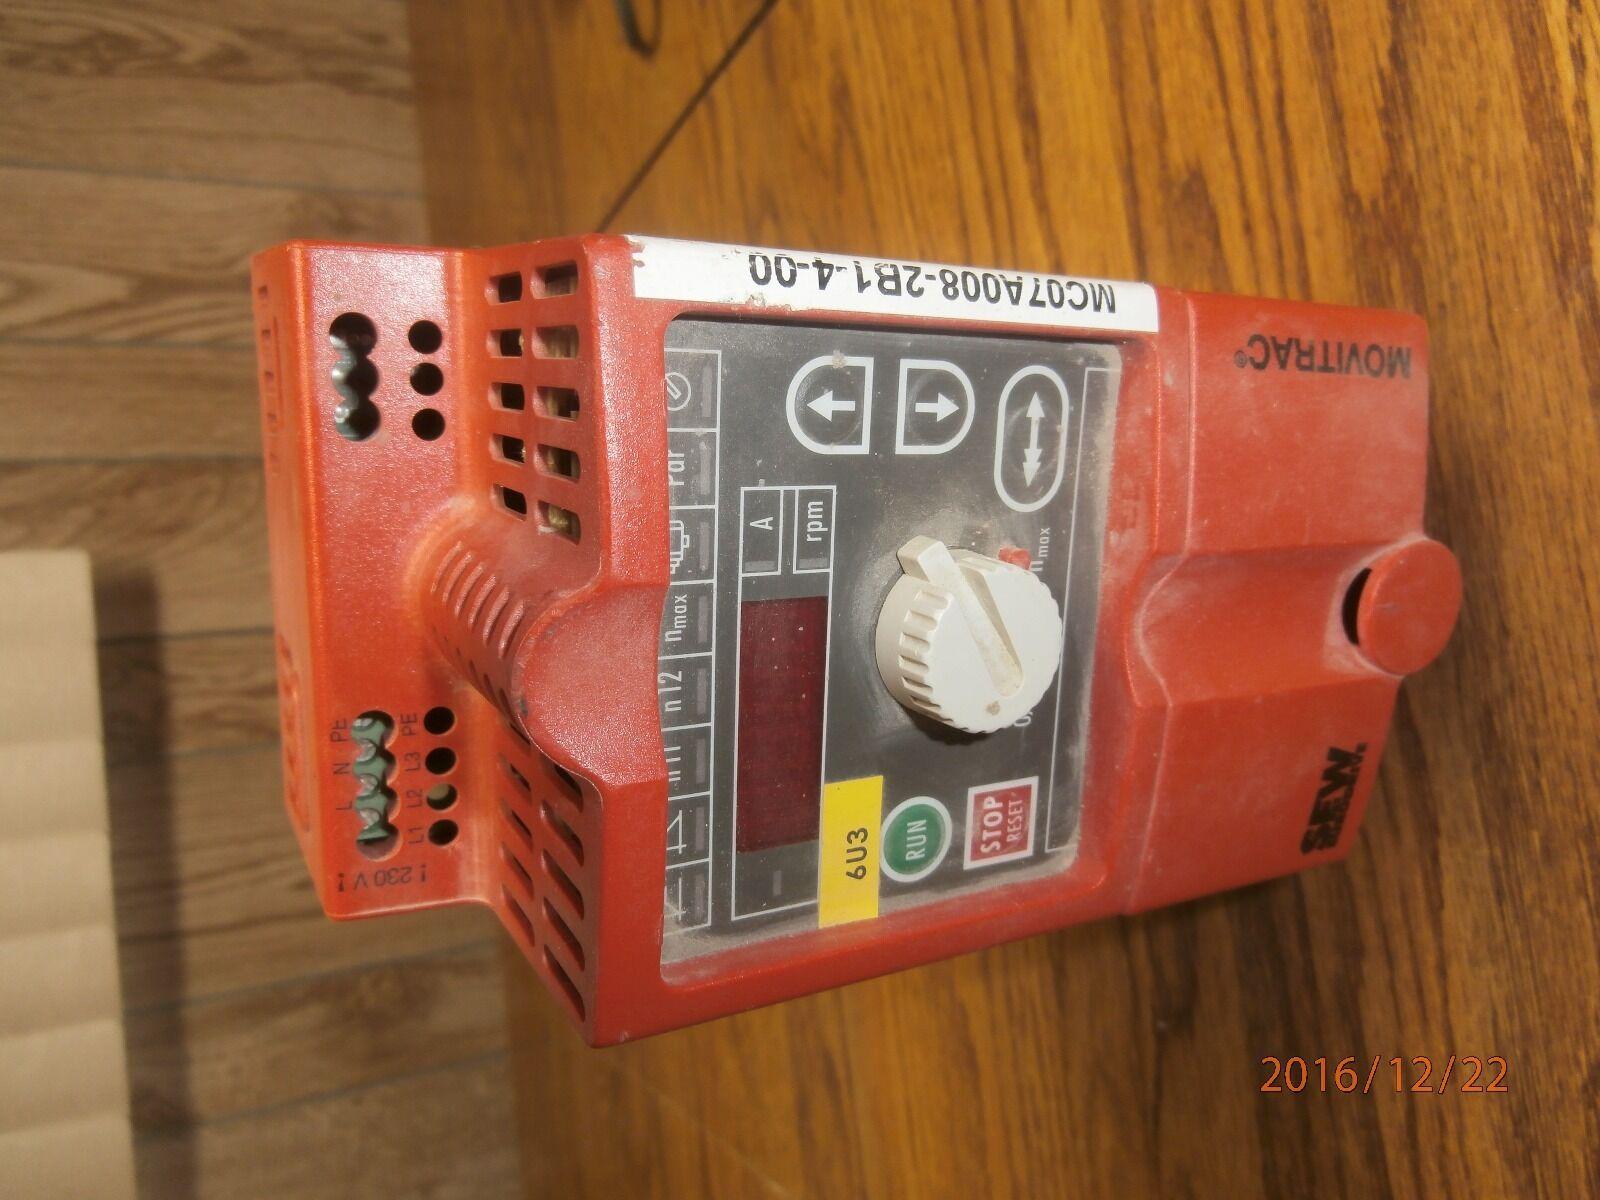 SEW EURODRIVE Typ MC07A008-2B1-4-00 AC Drive 1HP//.75kW 200VAC *Fully Tested*